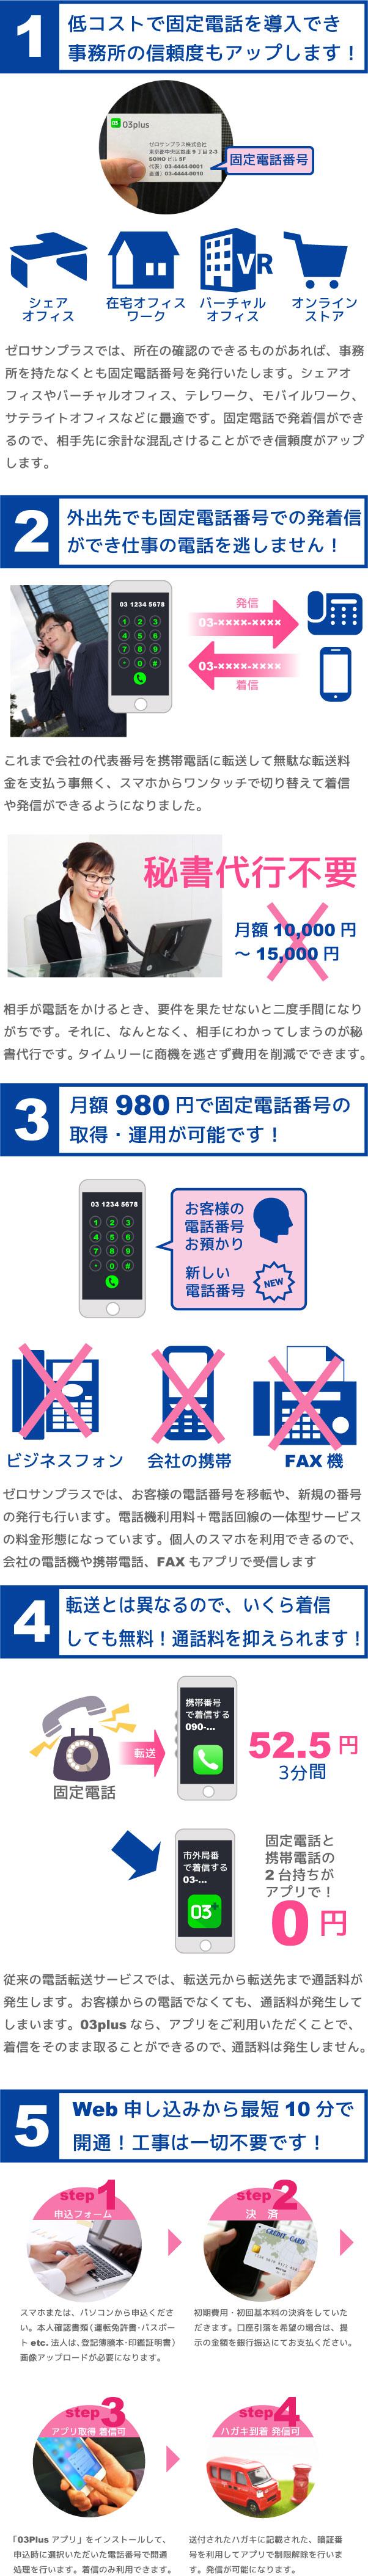 市外局番の電話番号を取得してアプリで使用できる。IP電話機も利用可能。月額980円から。最短10分で取得。